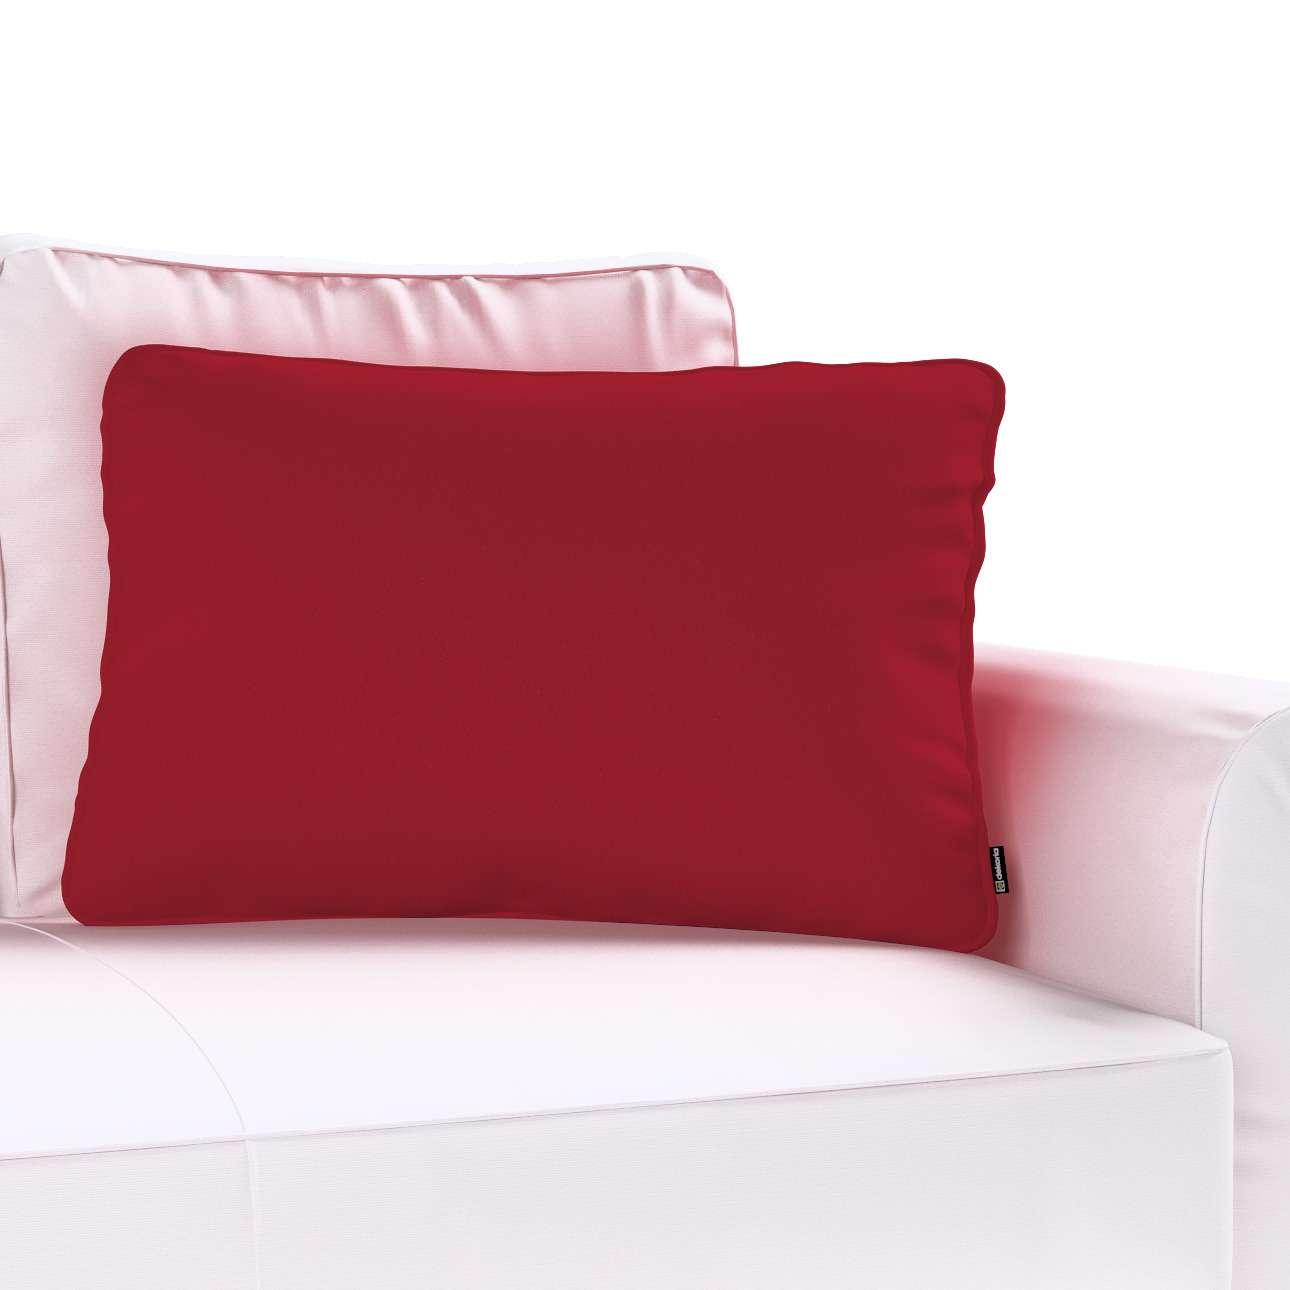 Poszewka Gabi na poduszkę prostokątna w kolekcji Chenille, tkanina: 702-24